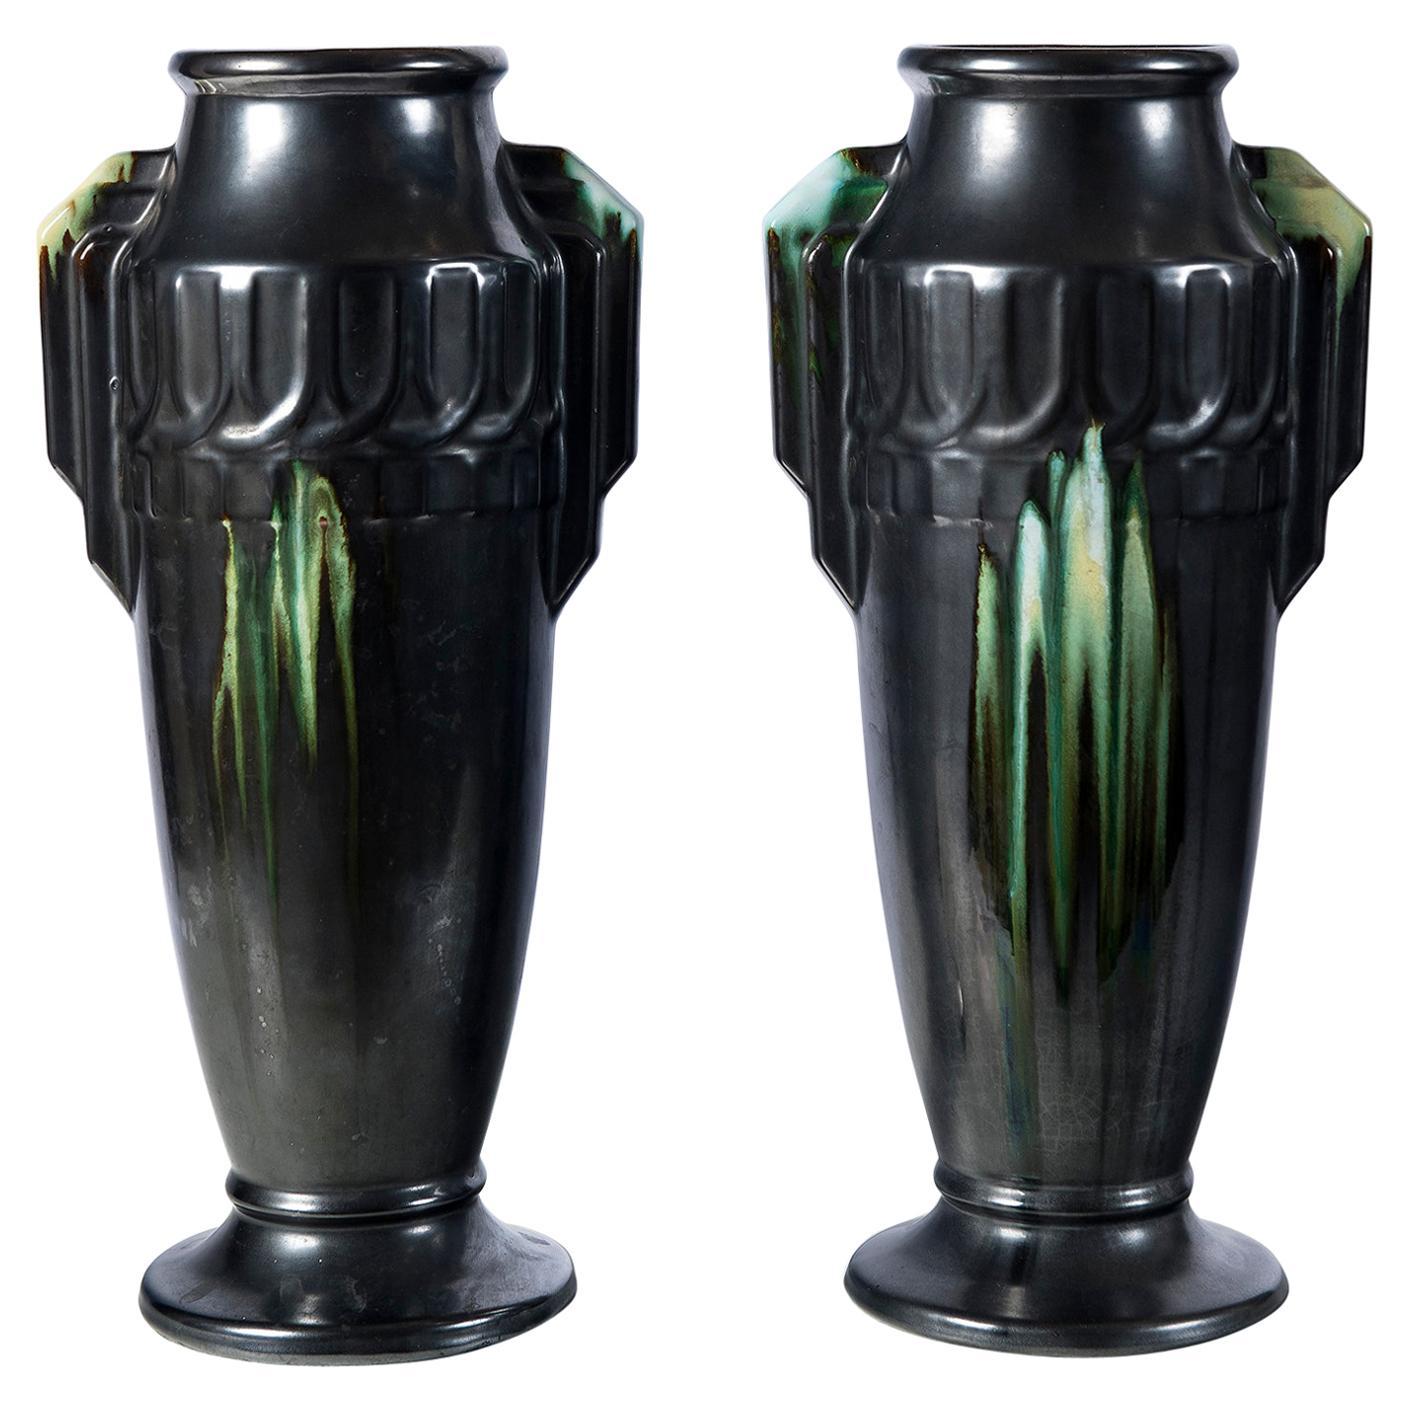 Pair of Ceramic Vases, Belgium, circa 1940